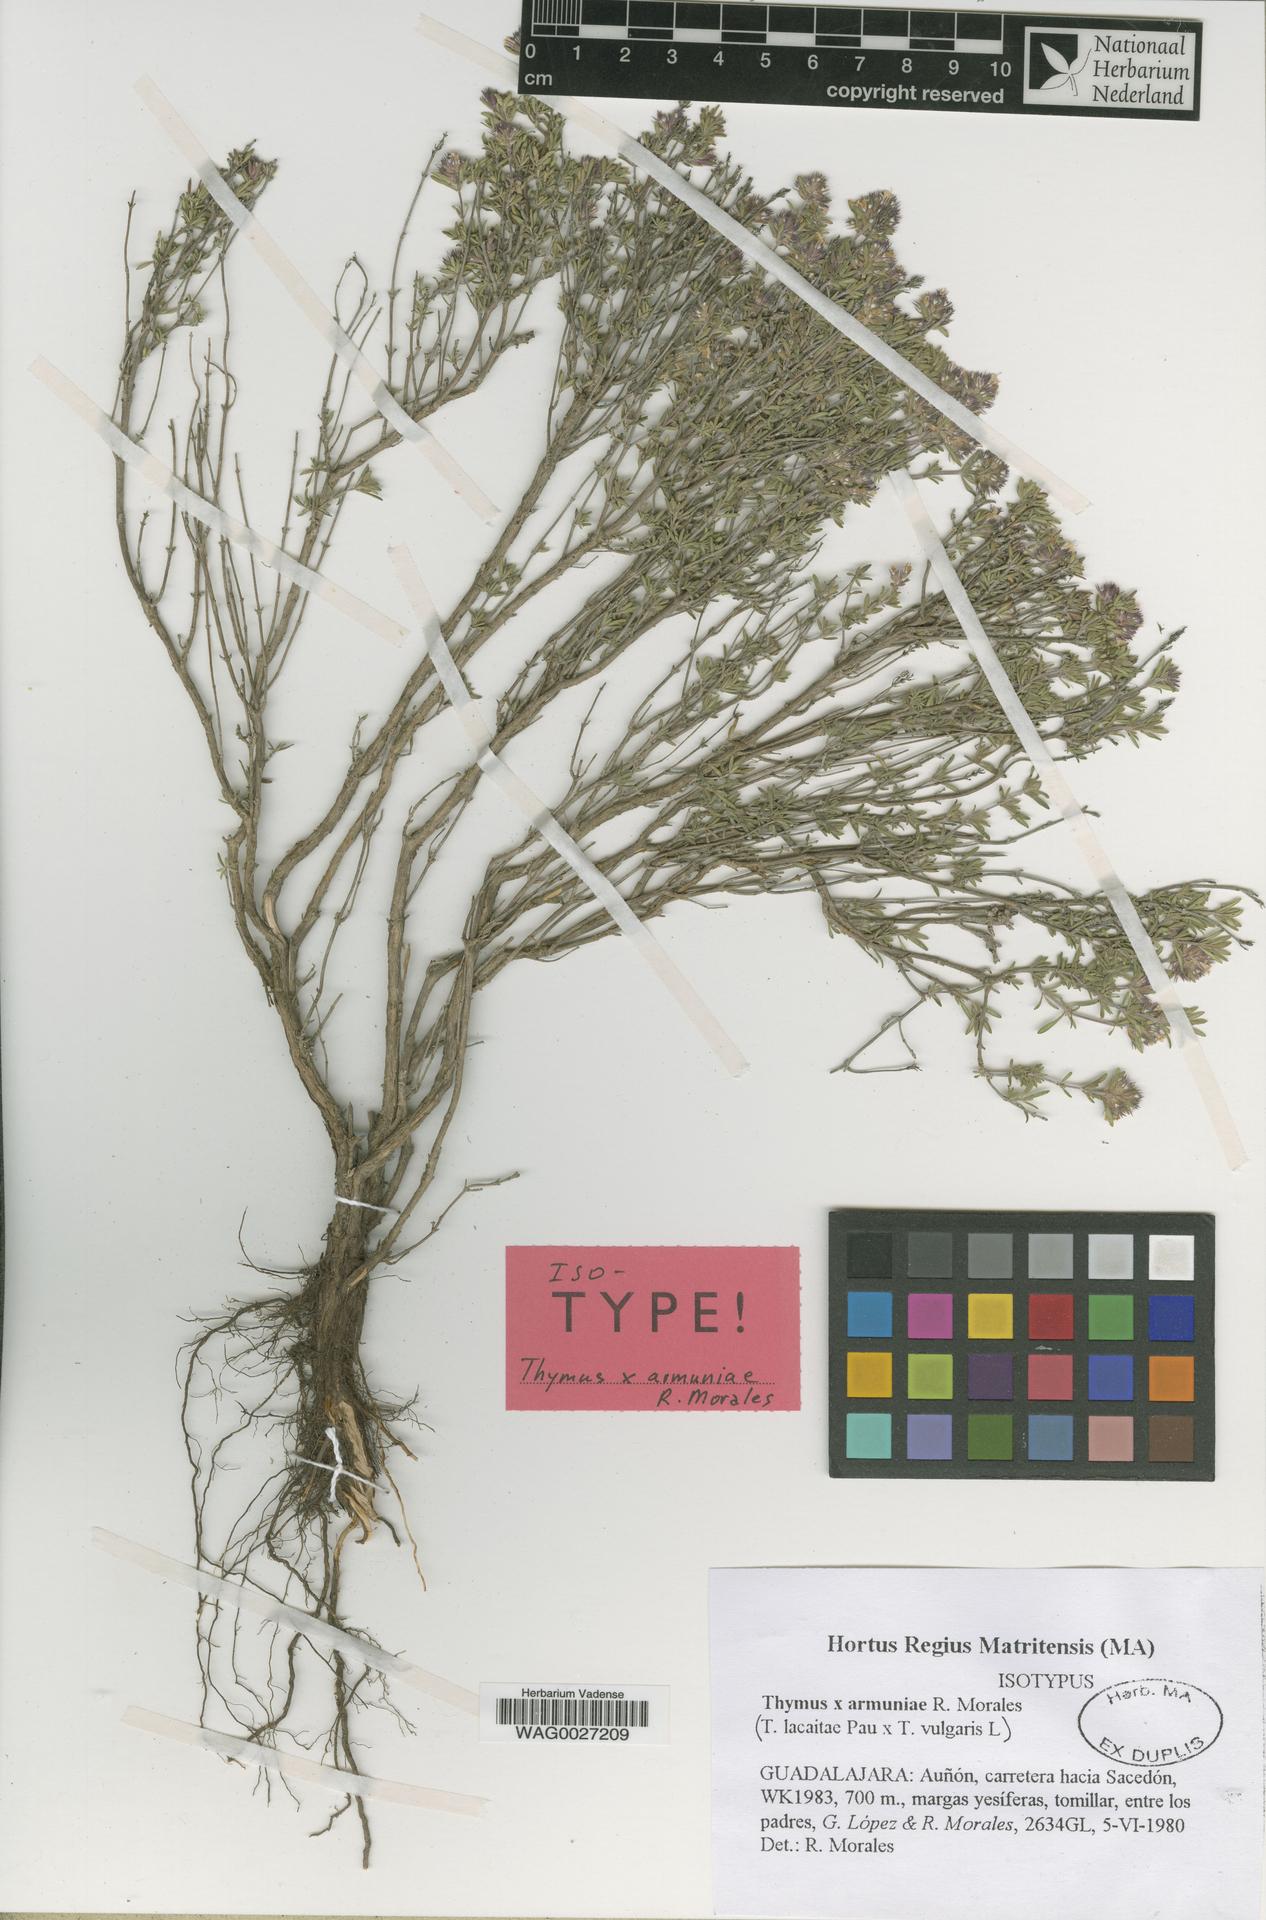 WAG0027209 | Thymus ×armuniae R.Morales